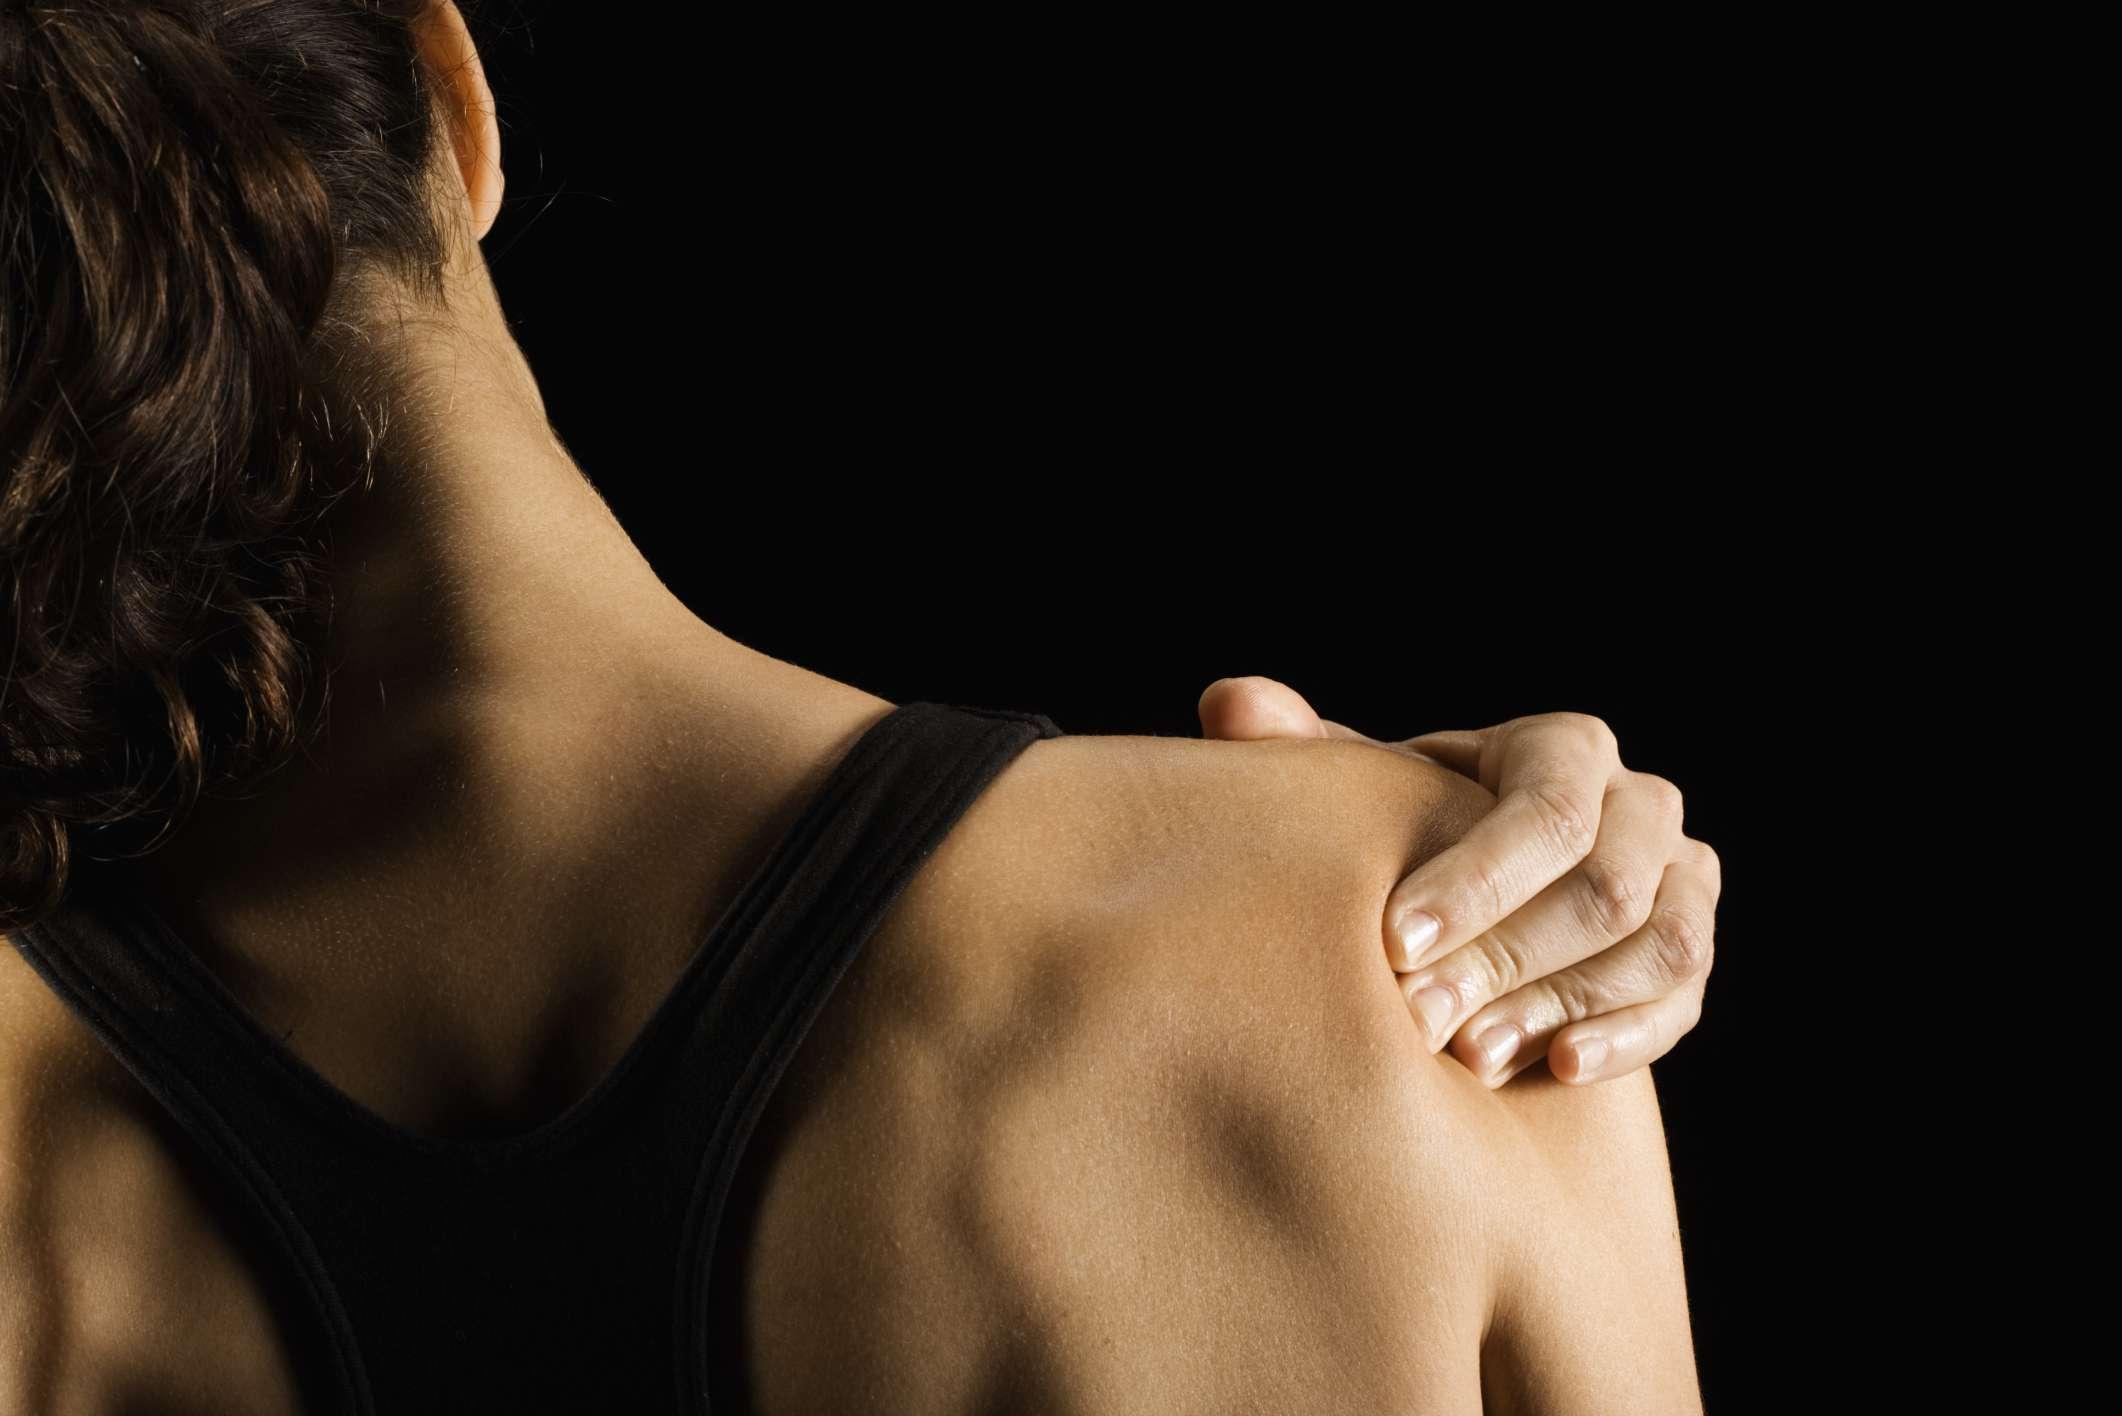 Women rubbing shoulder pain